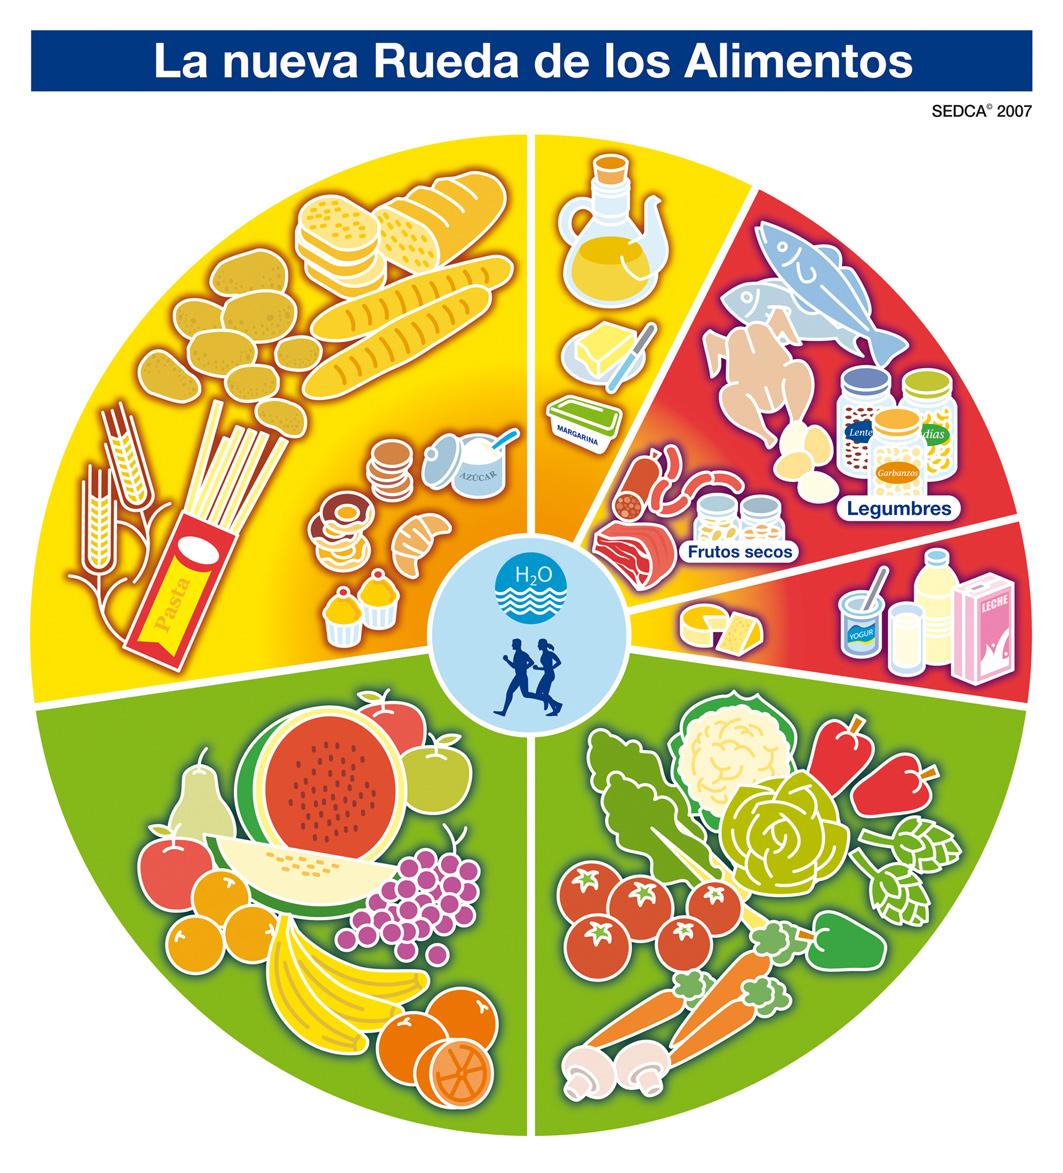 Rueda de los alimentos - Imagenes Educativas